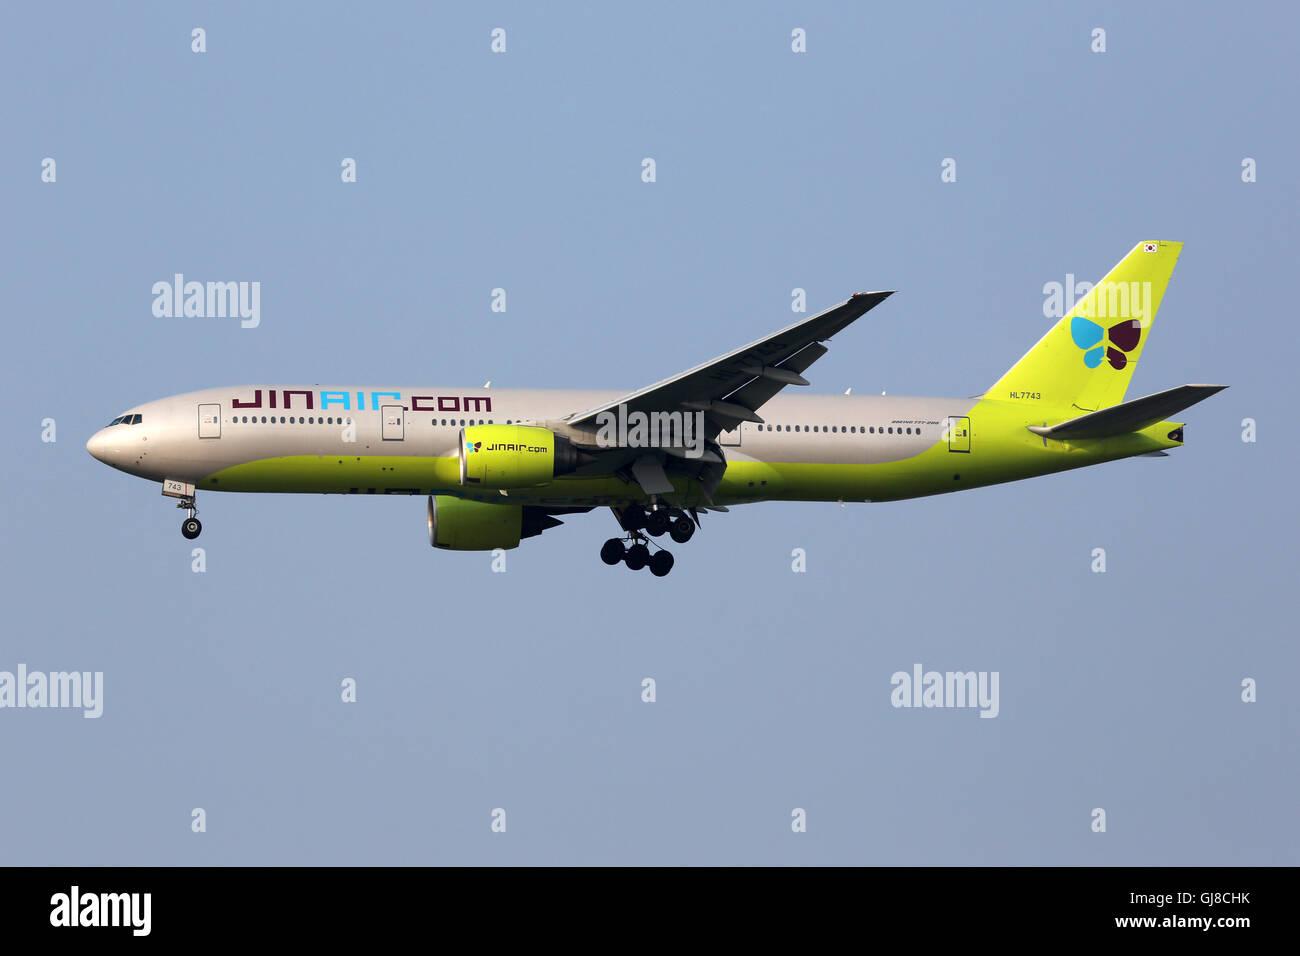 Incheon, Corea del Sur - 24 de mayo de 2016: un avión Boeing 777-200 Jin Air con el registro HL7743 acercándose Imagen De Stock